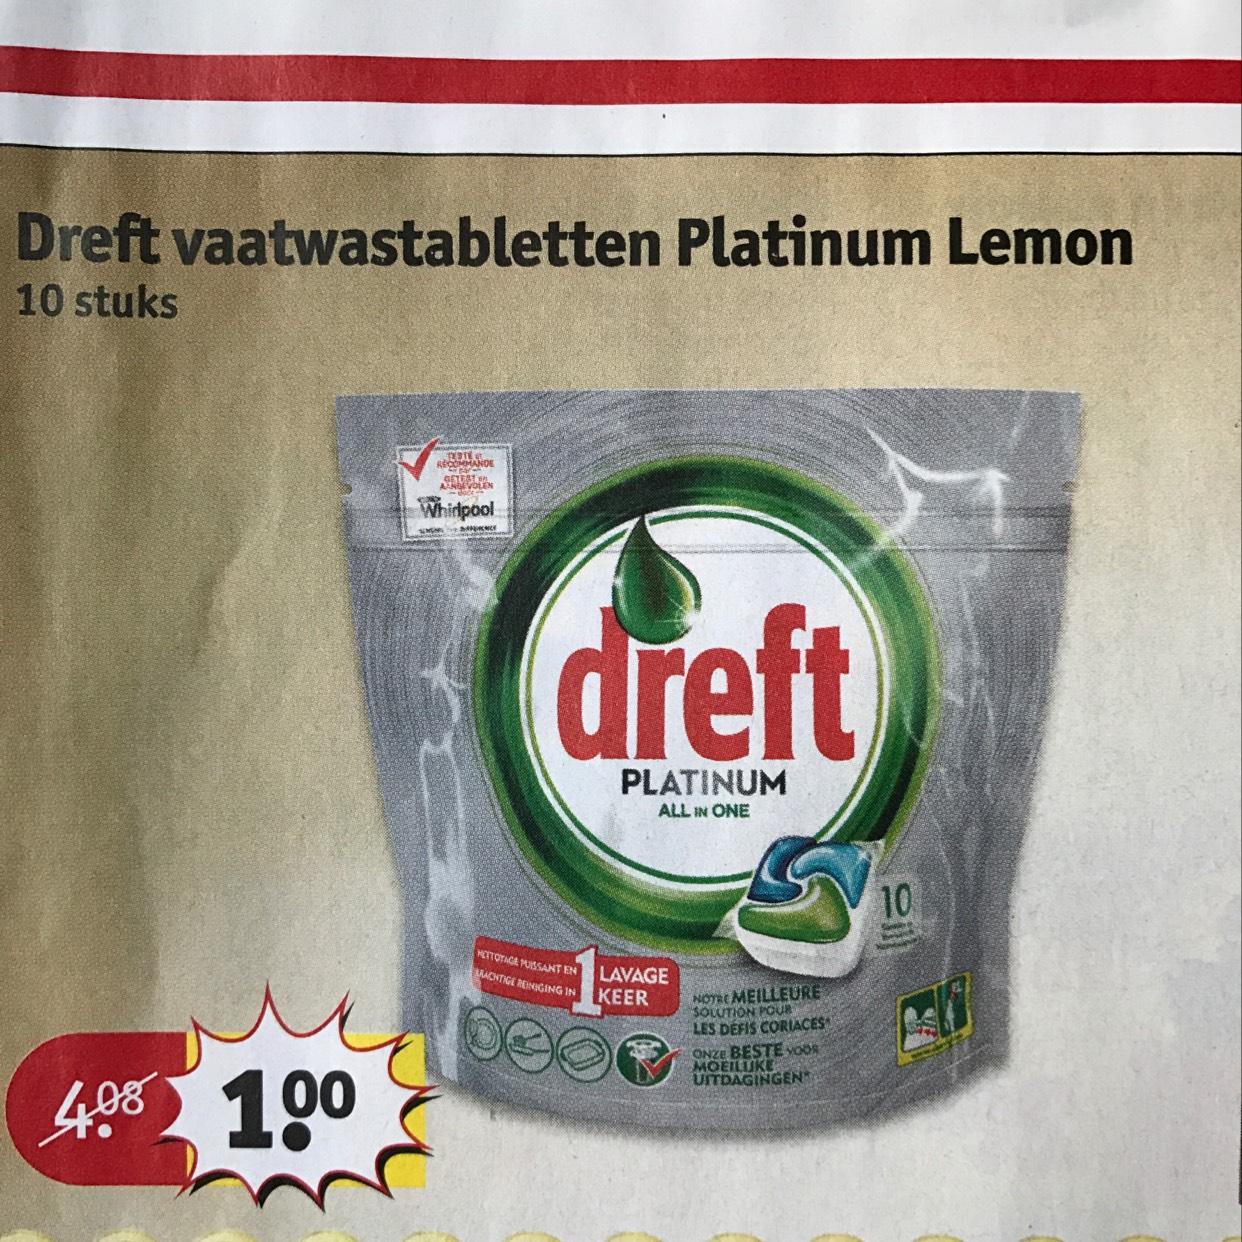 Dreft vaatwastabletten Platinum Lemon 10 stuks voor €1 @ Kruidvat